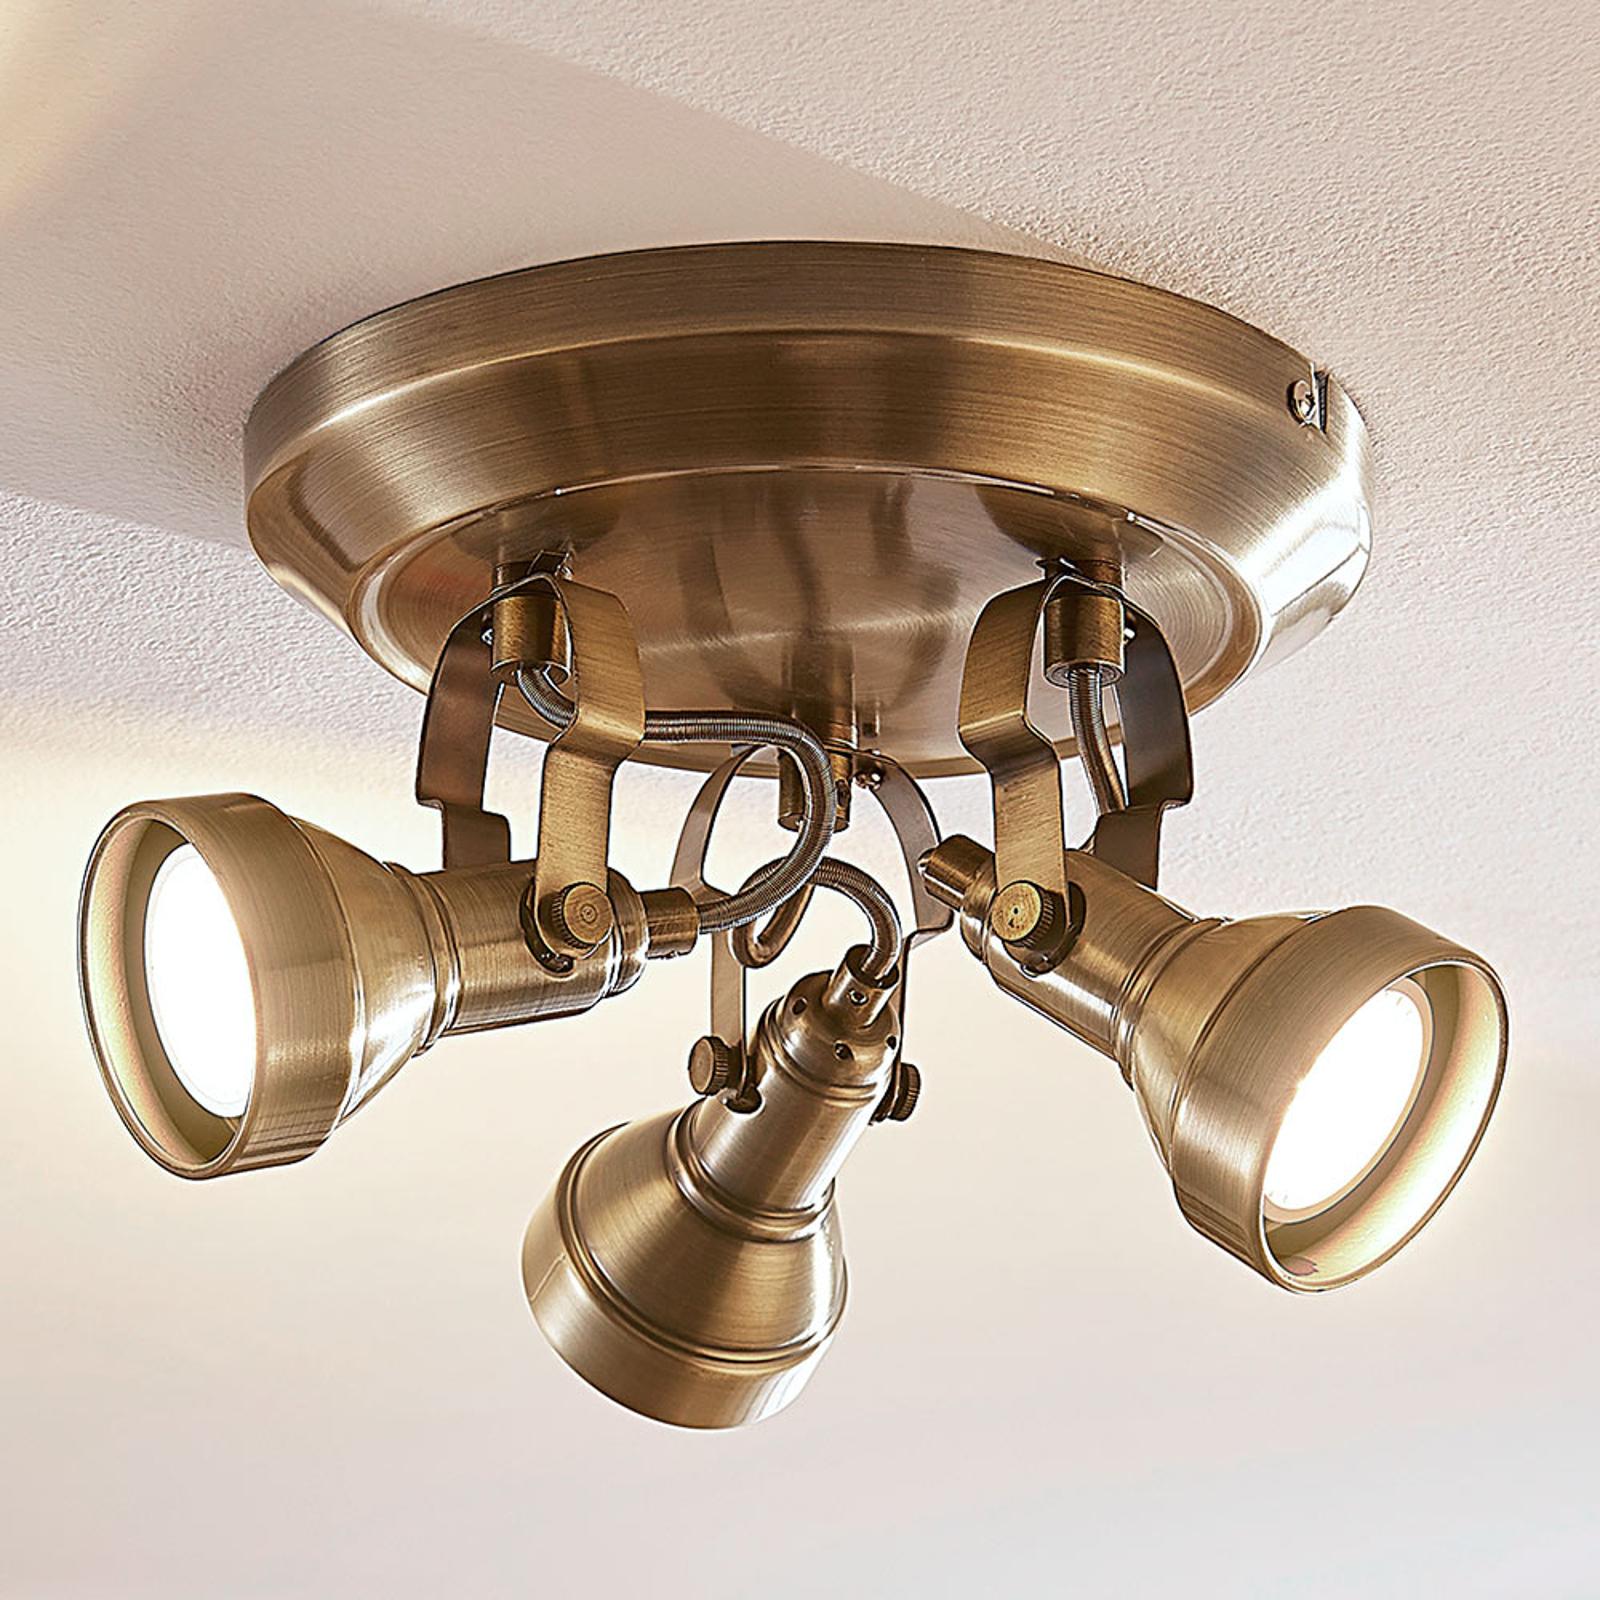 PERSEAS - lampa sufitowa LED GU10, 3-pkt.